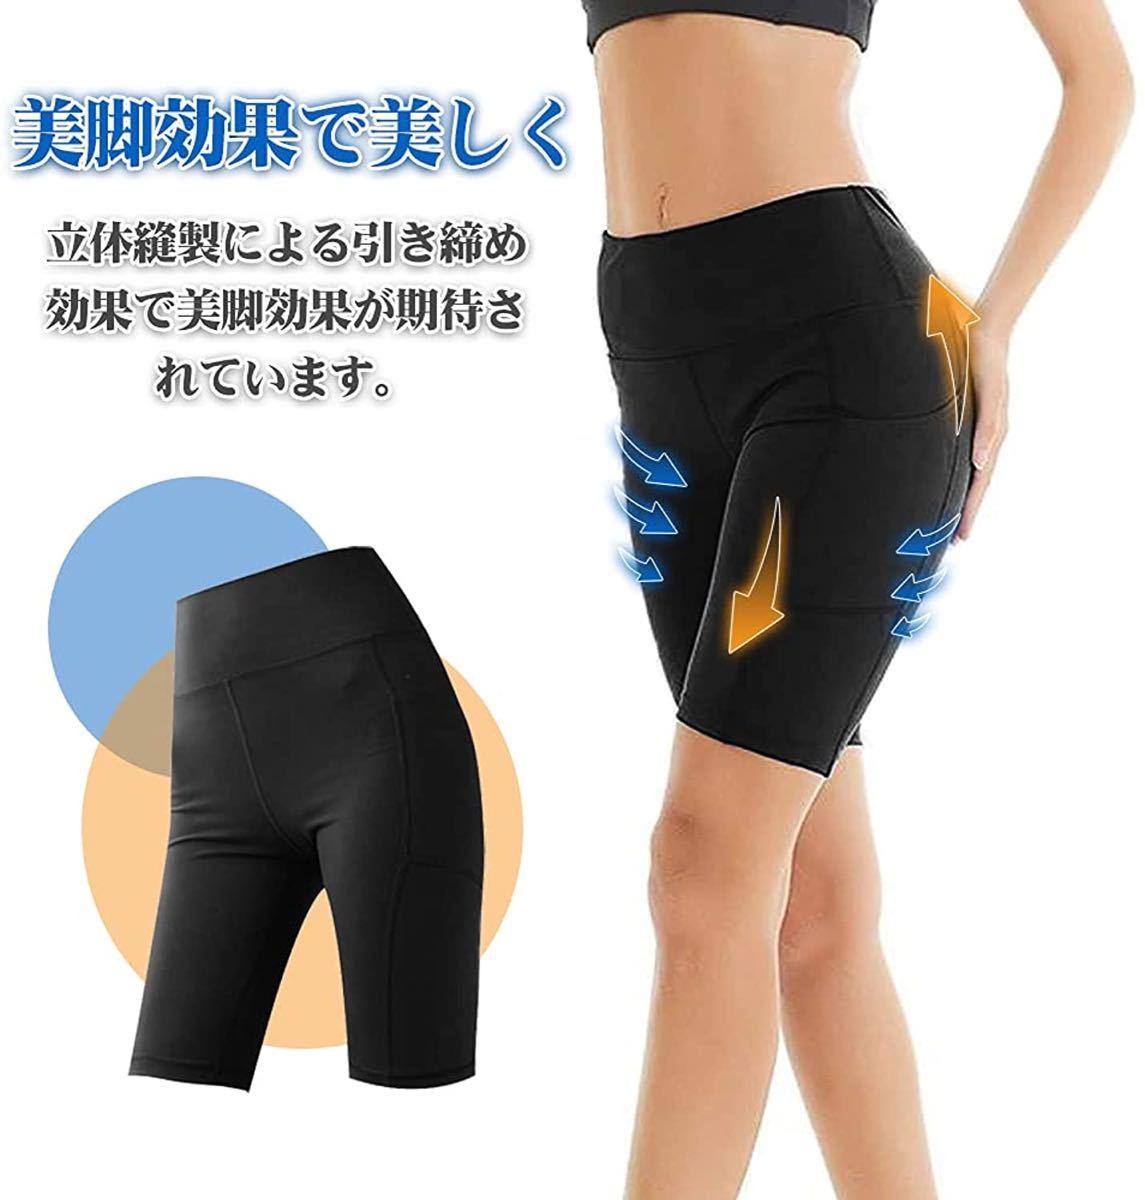 レディース ヨガパンツ スポーツ ショートパンツ 快適 吸汗速乾 通気 ホットパンツ ヨガウェアサイドポケット付き Mサイズ